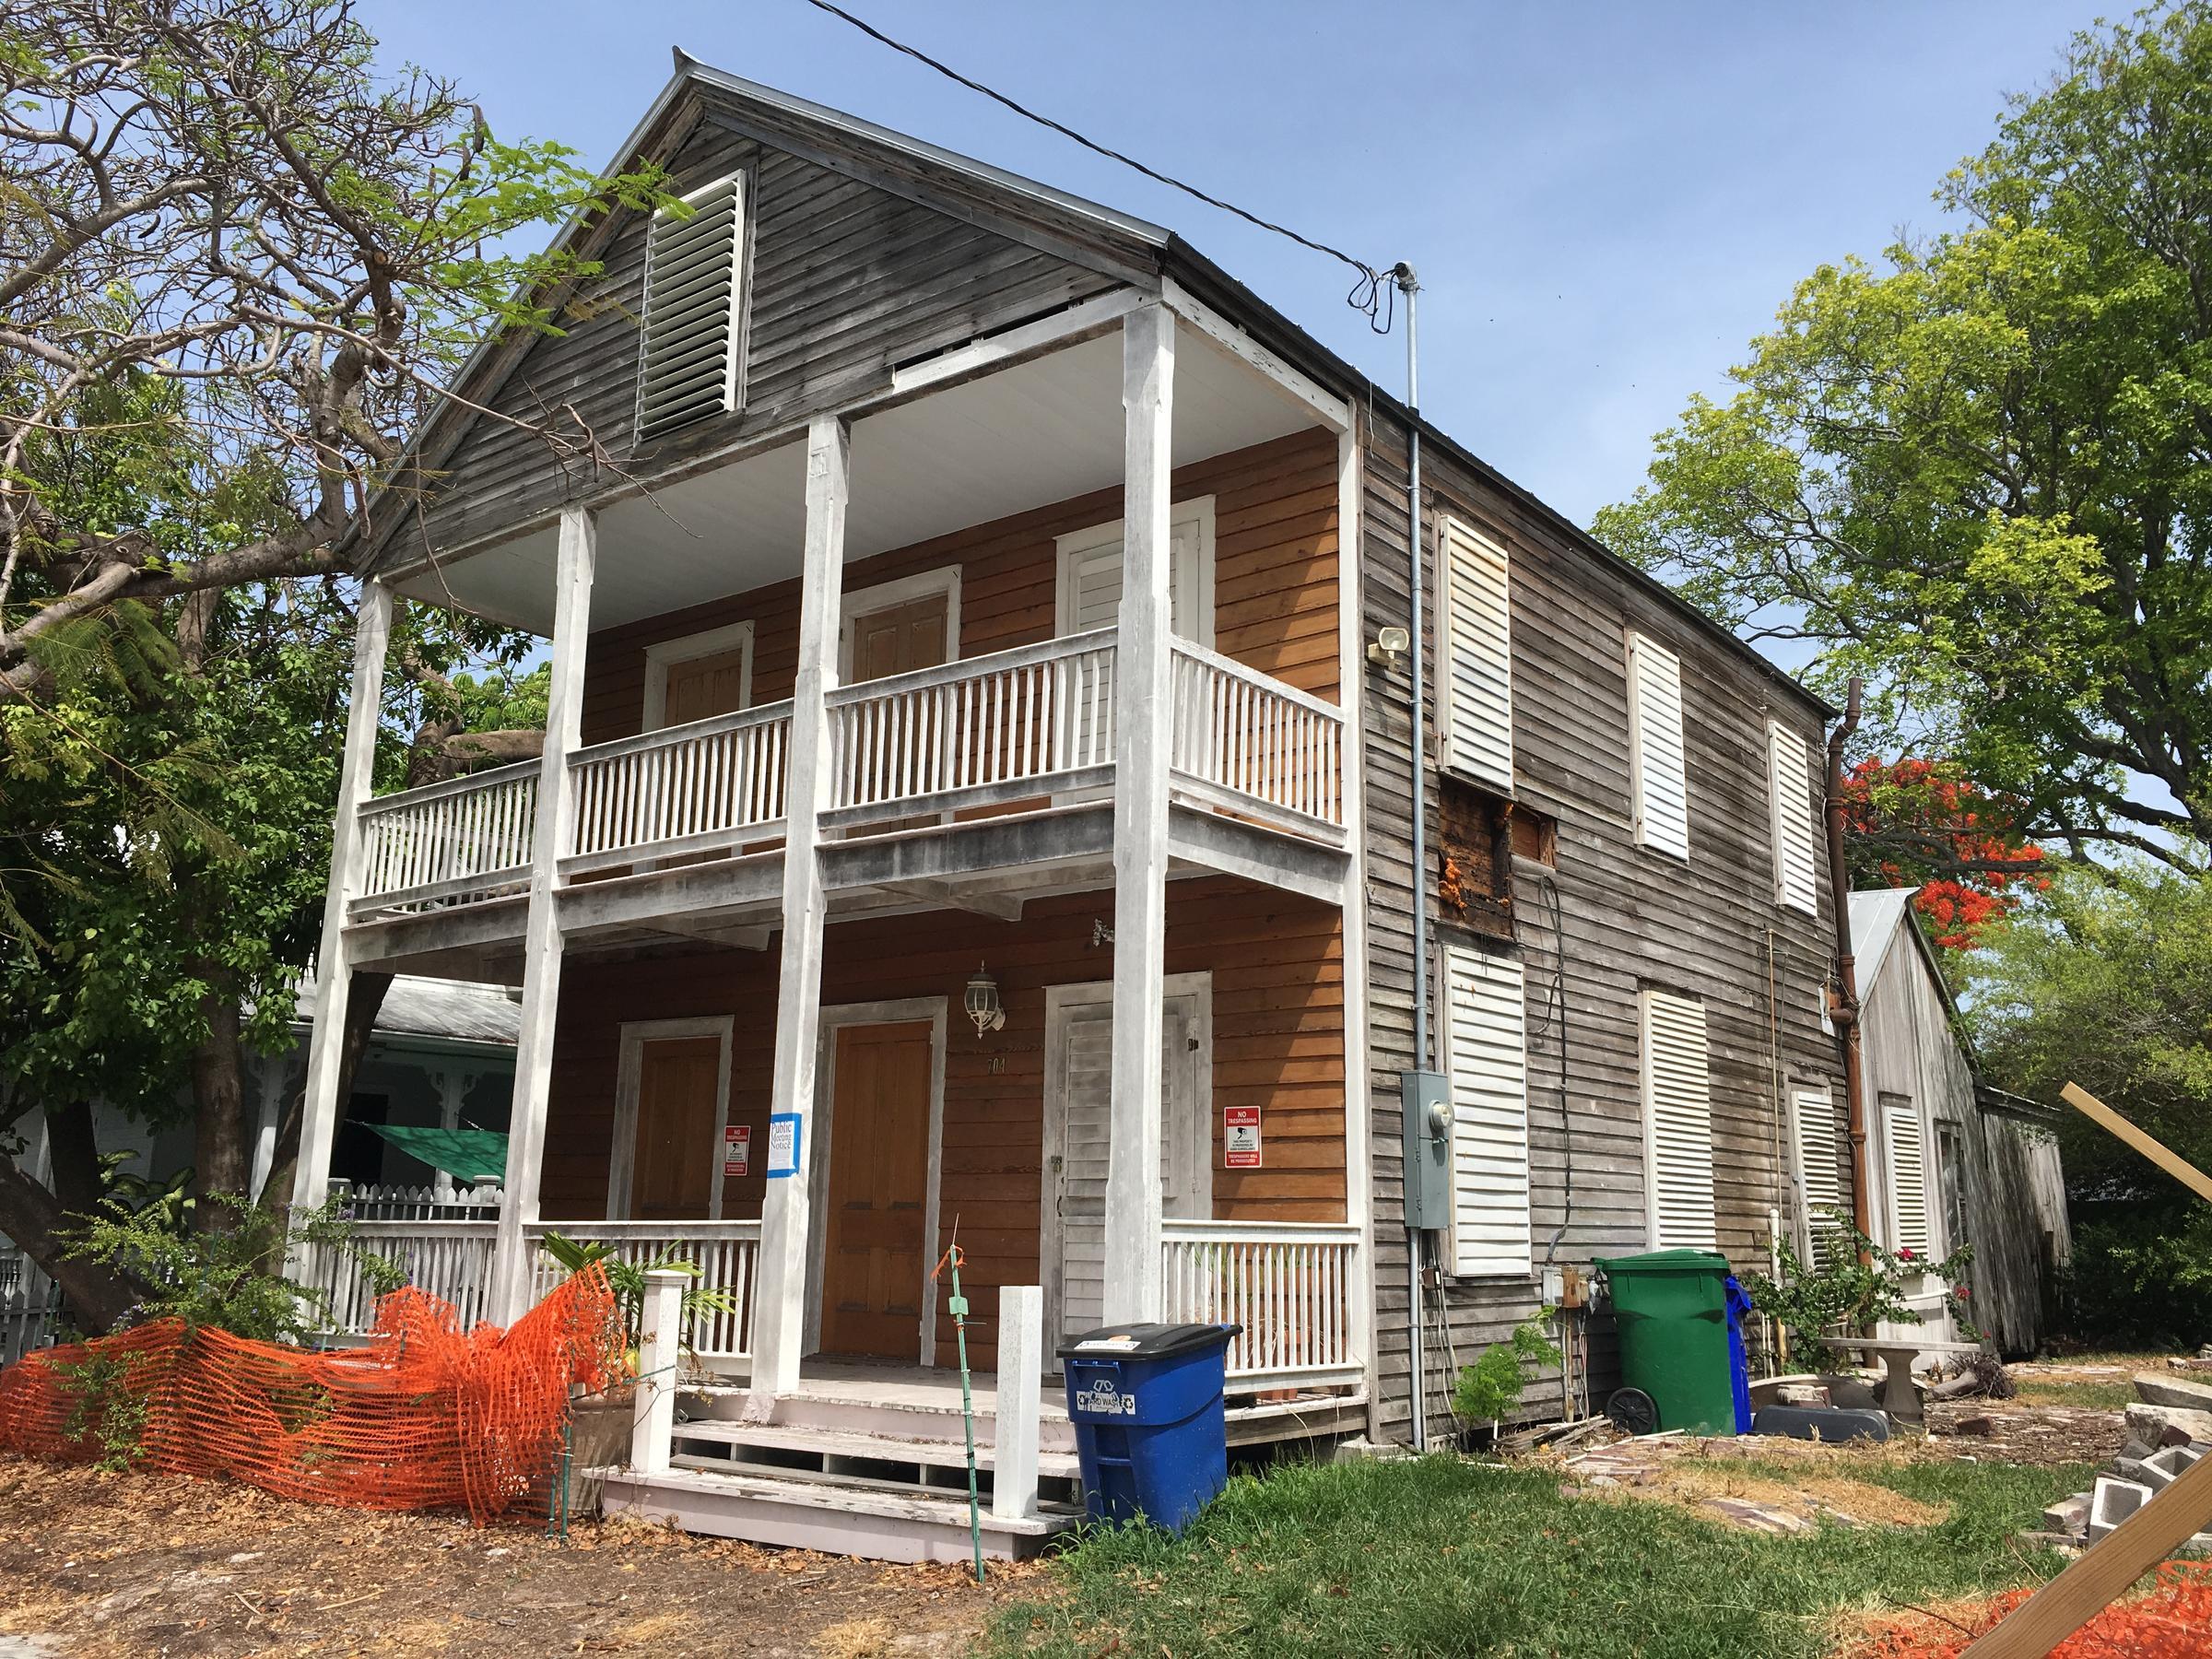 North Carolina House Plans Nascar Star Dale Earnhardt Jr Gets The Green Light For